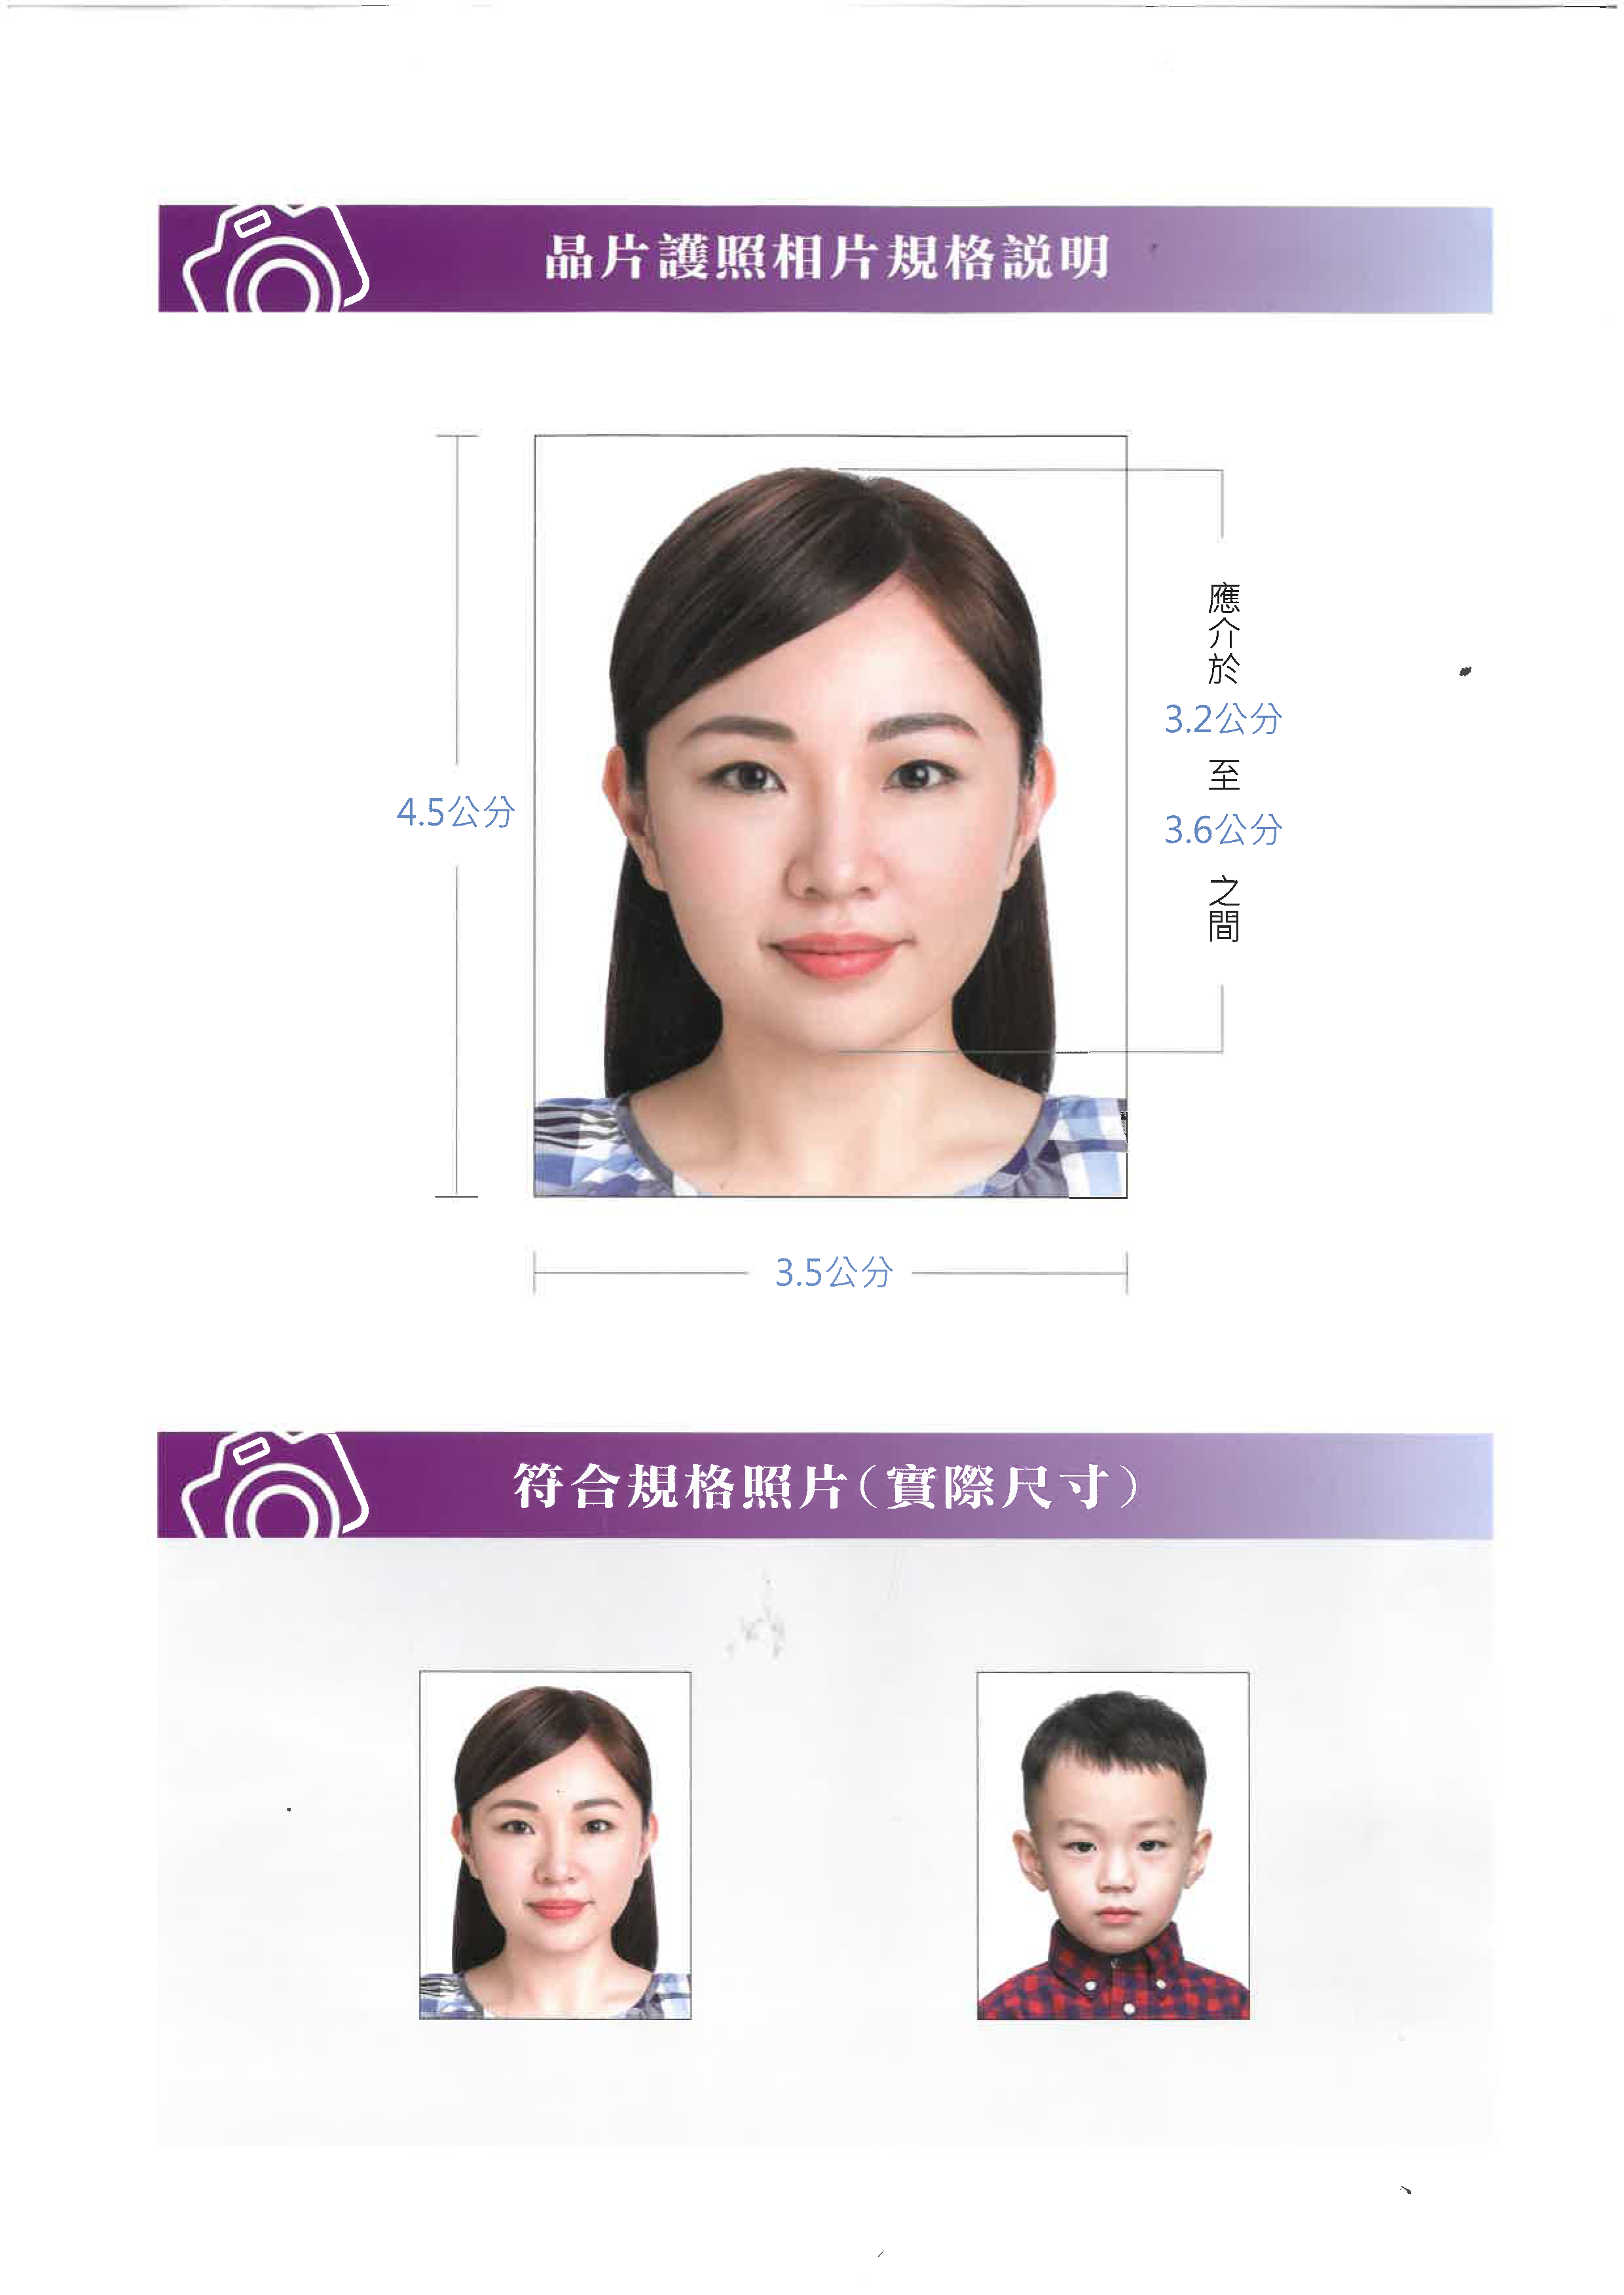 晶片護照相片規格_頁面_3.png